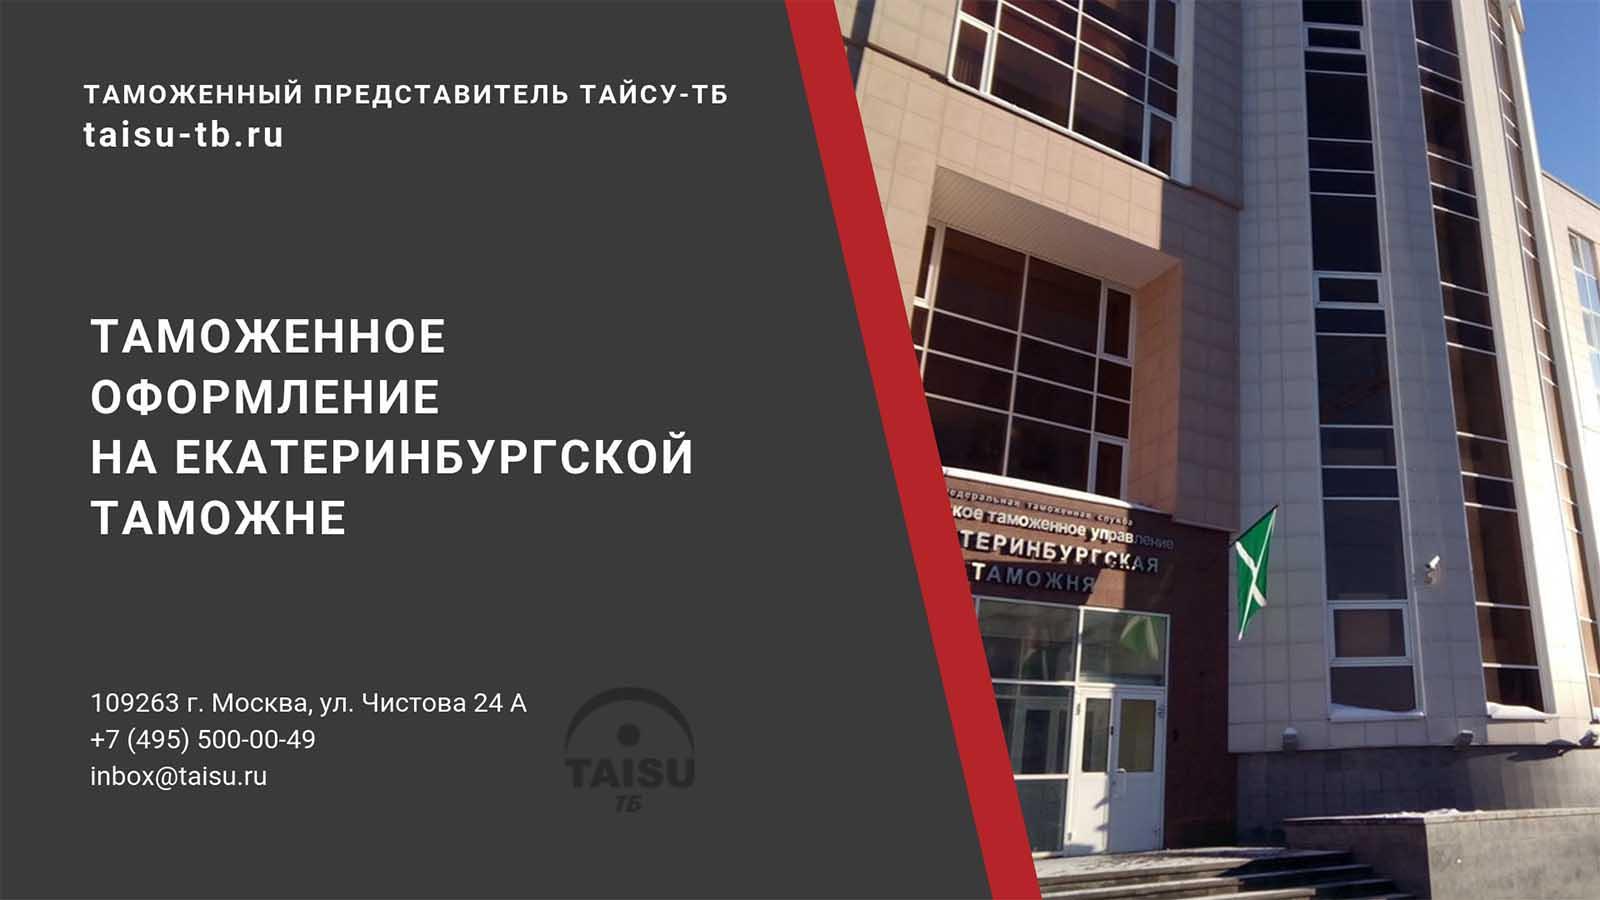 Кольцовская таможня имени В.А. Сорокина